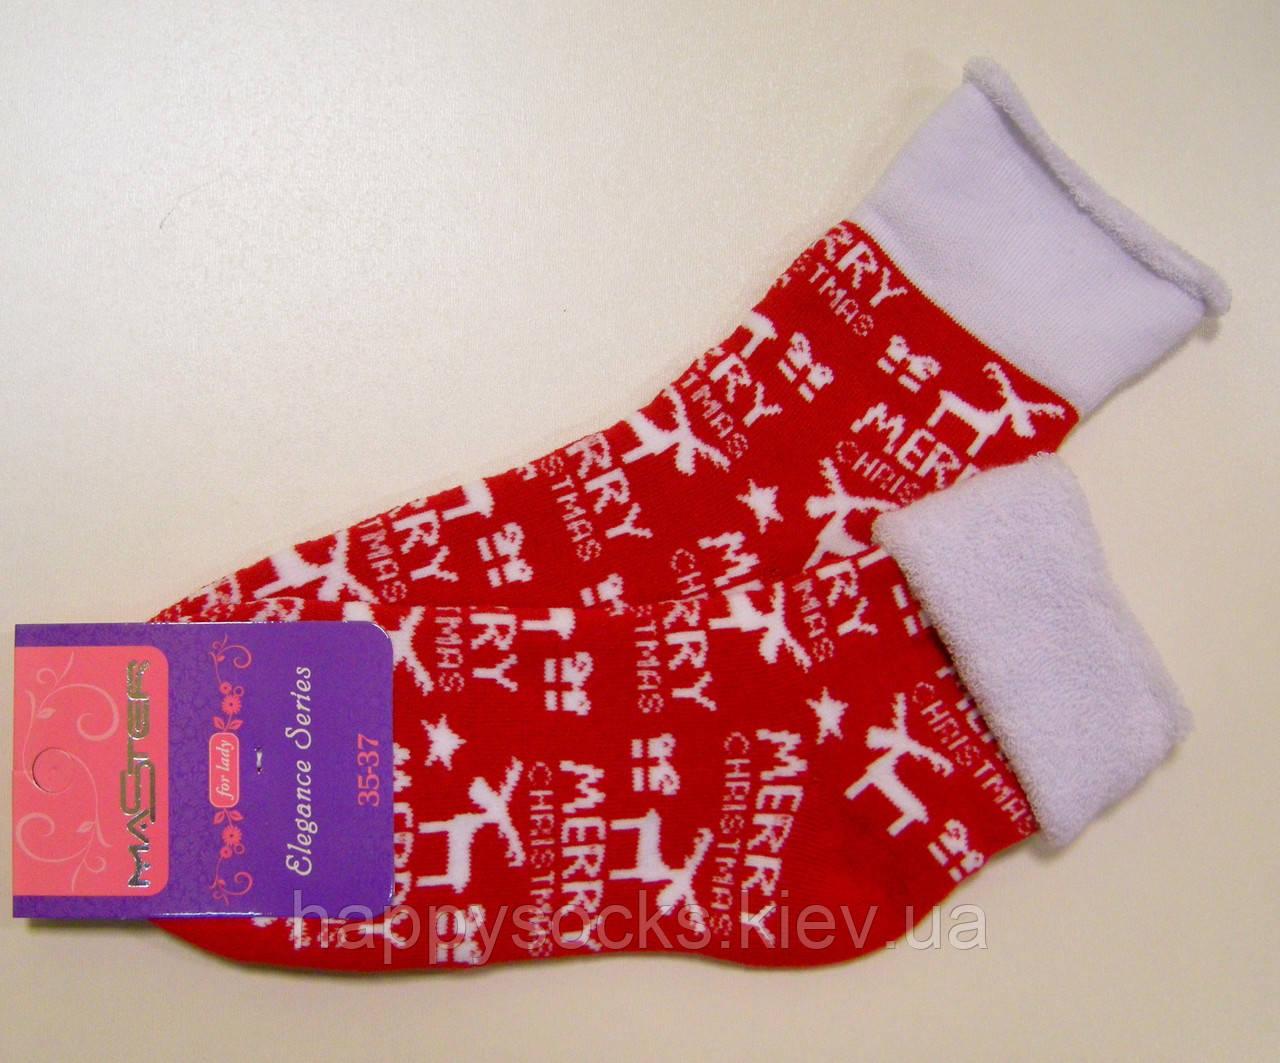 Яркие новогодние махровые хлопковые носки красного цвета